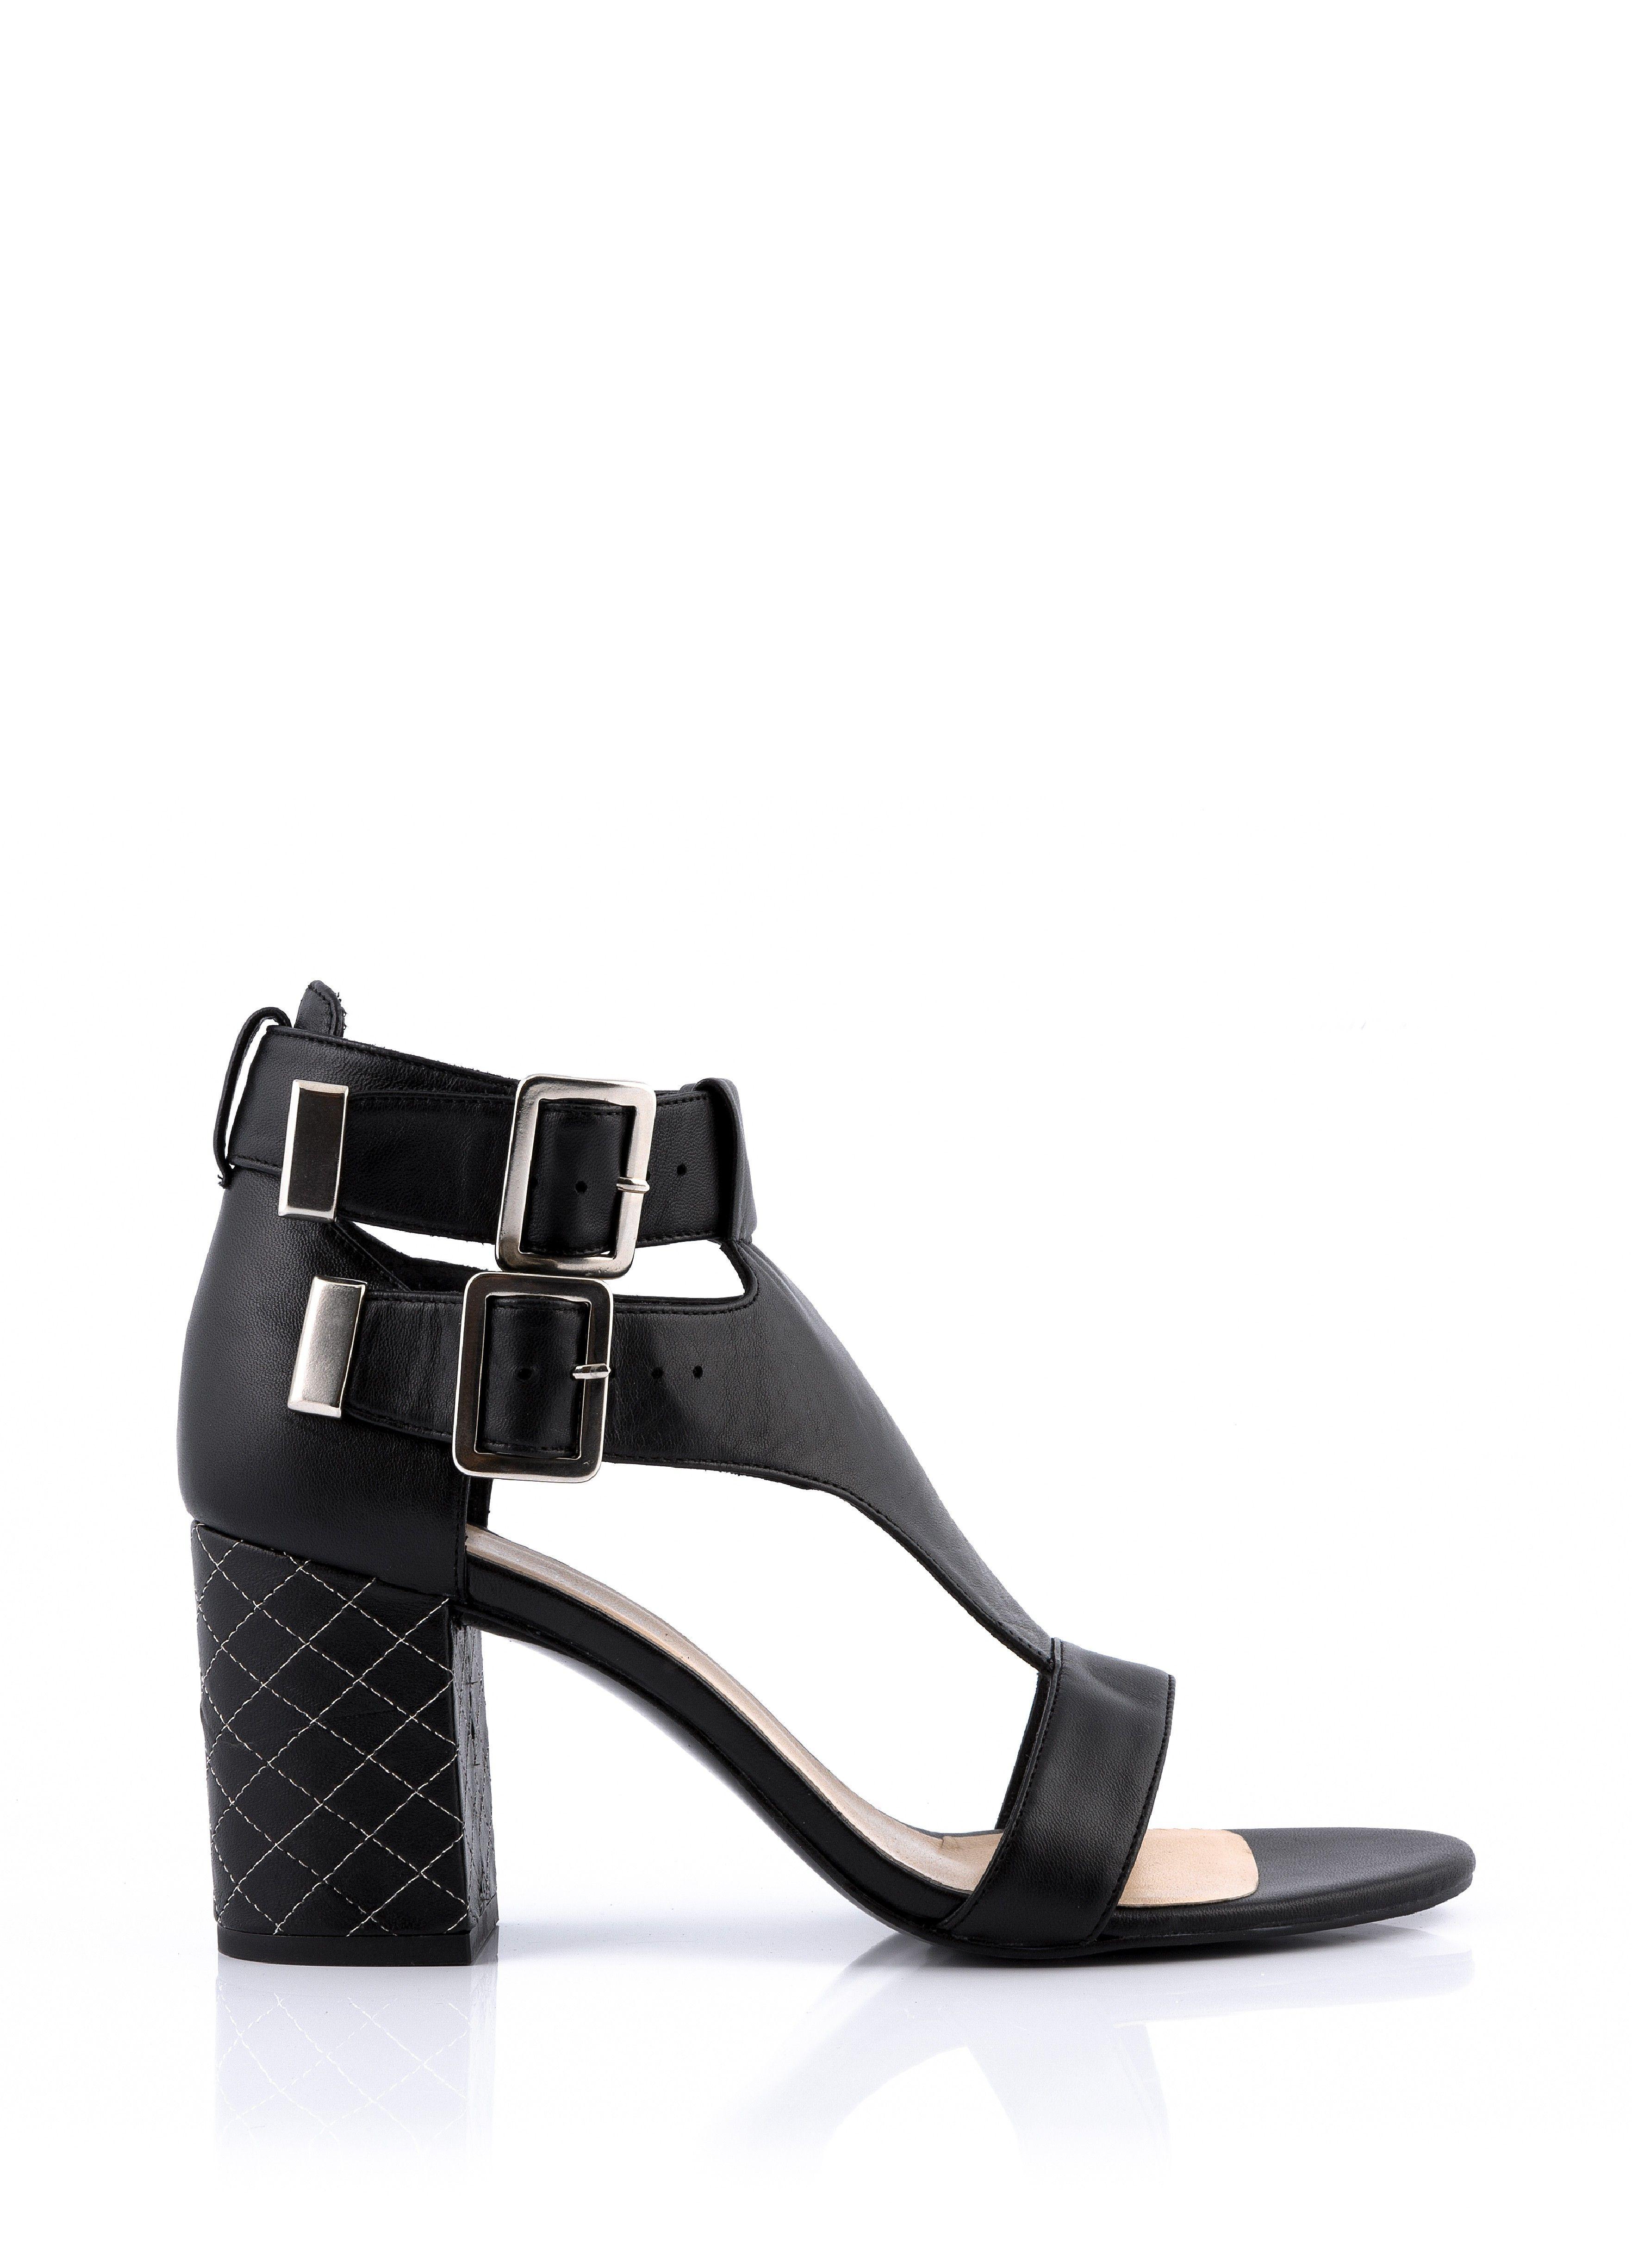 Talons Chaussures À Noir Femme Talon Sandale Seeme Sandales dCtxsrhQ